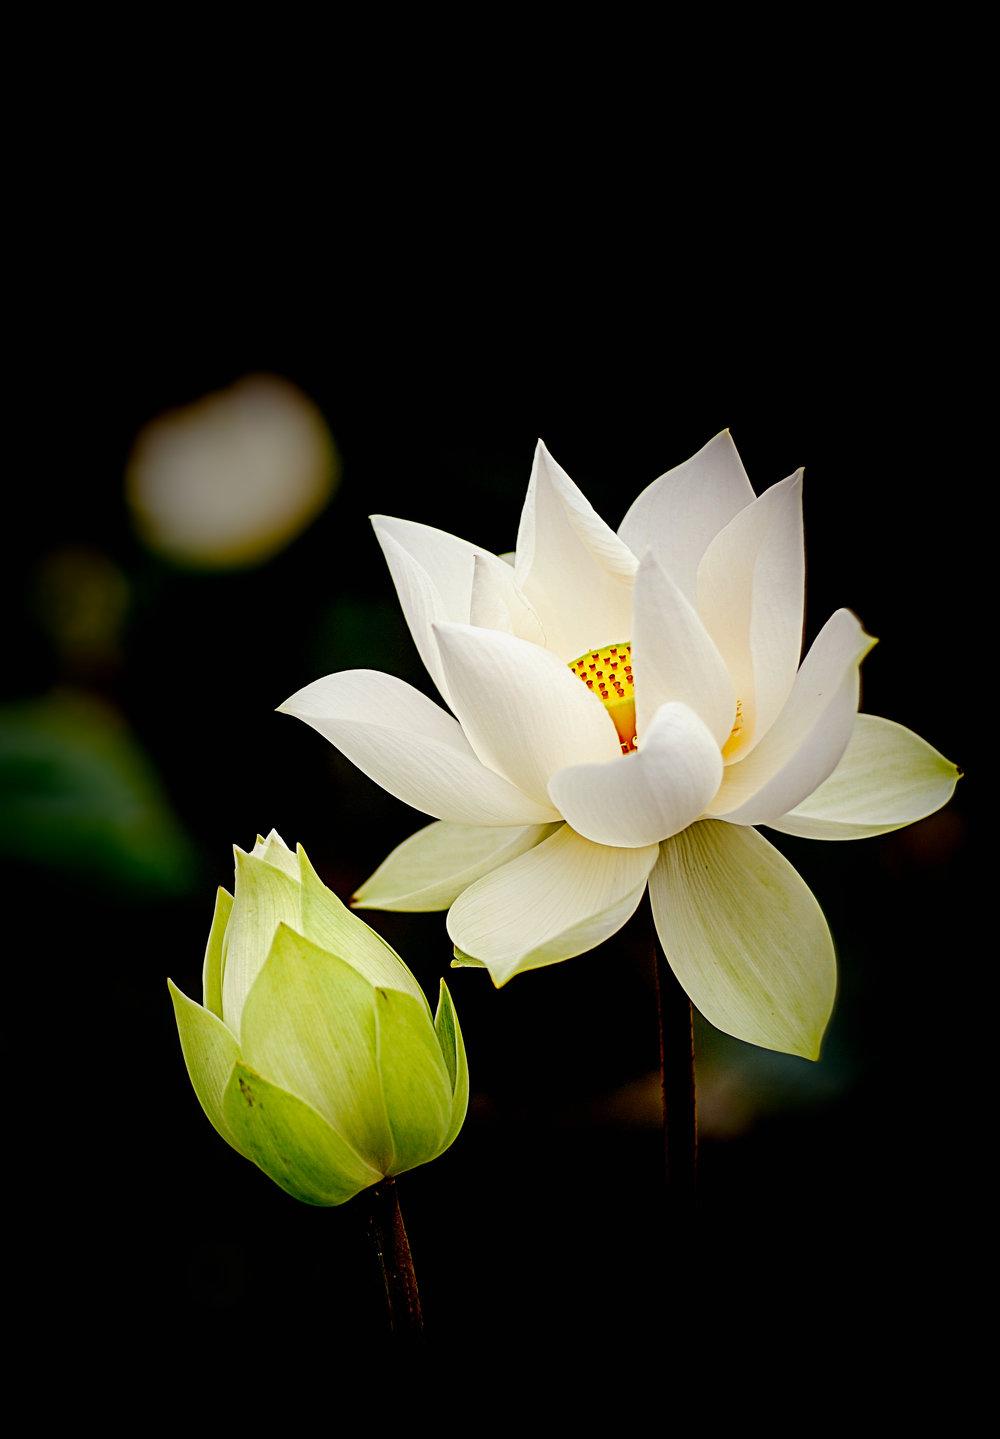 PunjabKesari, Lotus, कमल, White Lotus Image